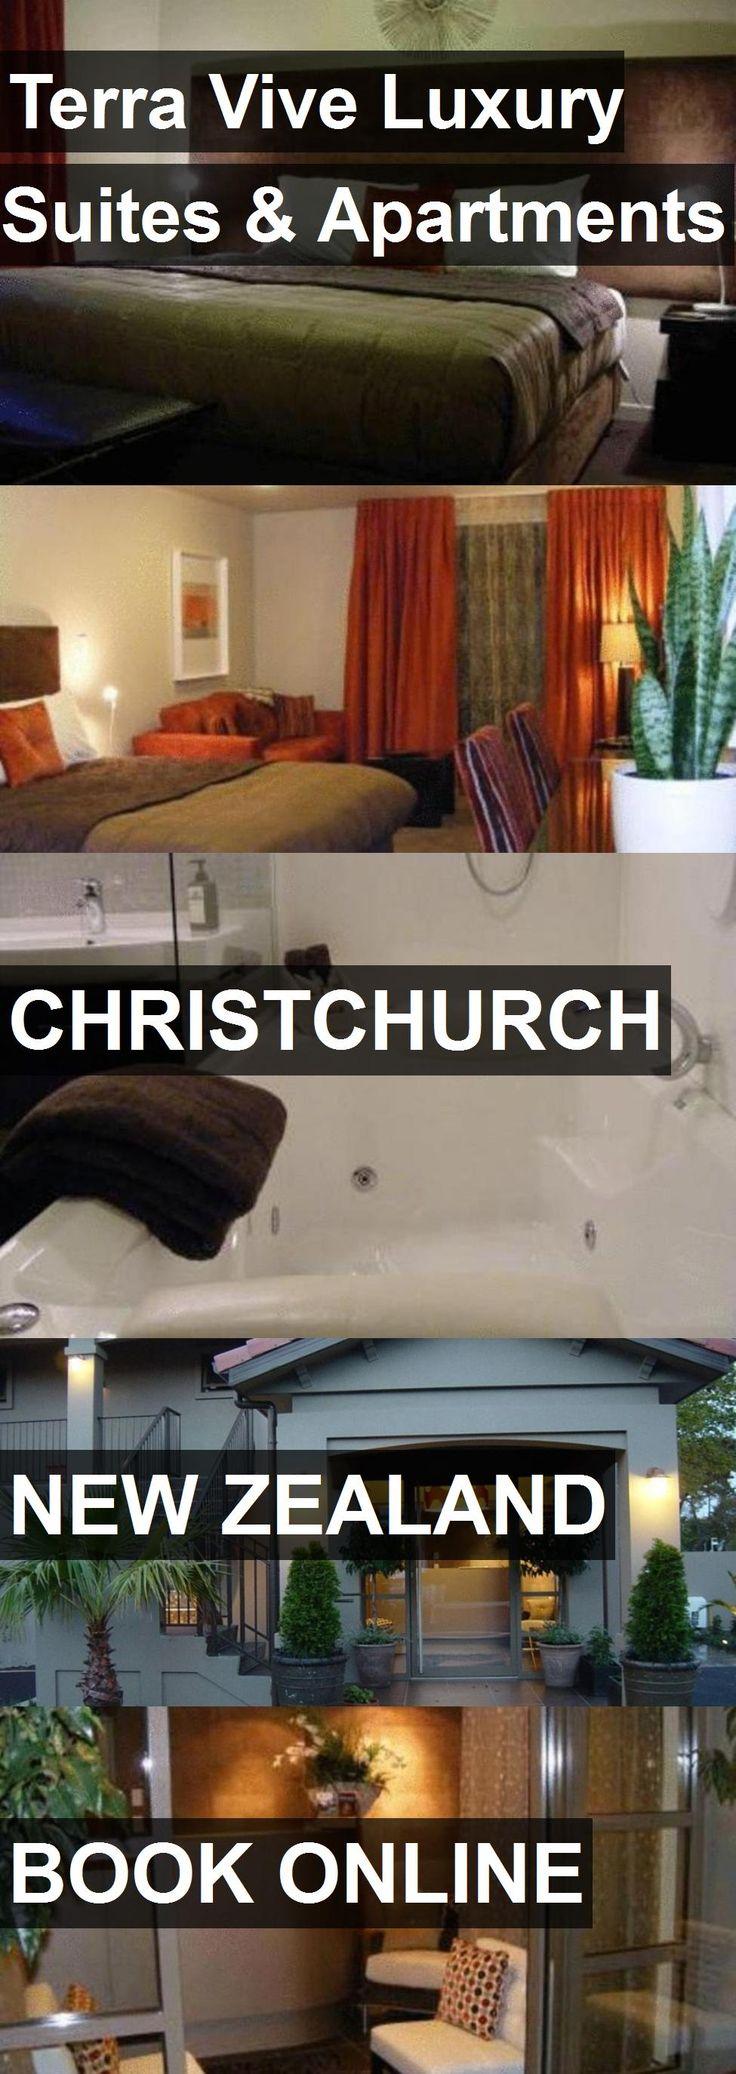 Hotel Terra Vive Luxury Suites